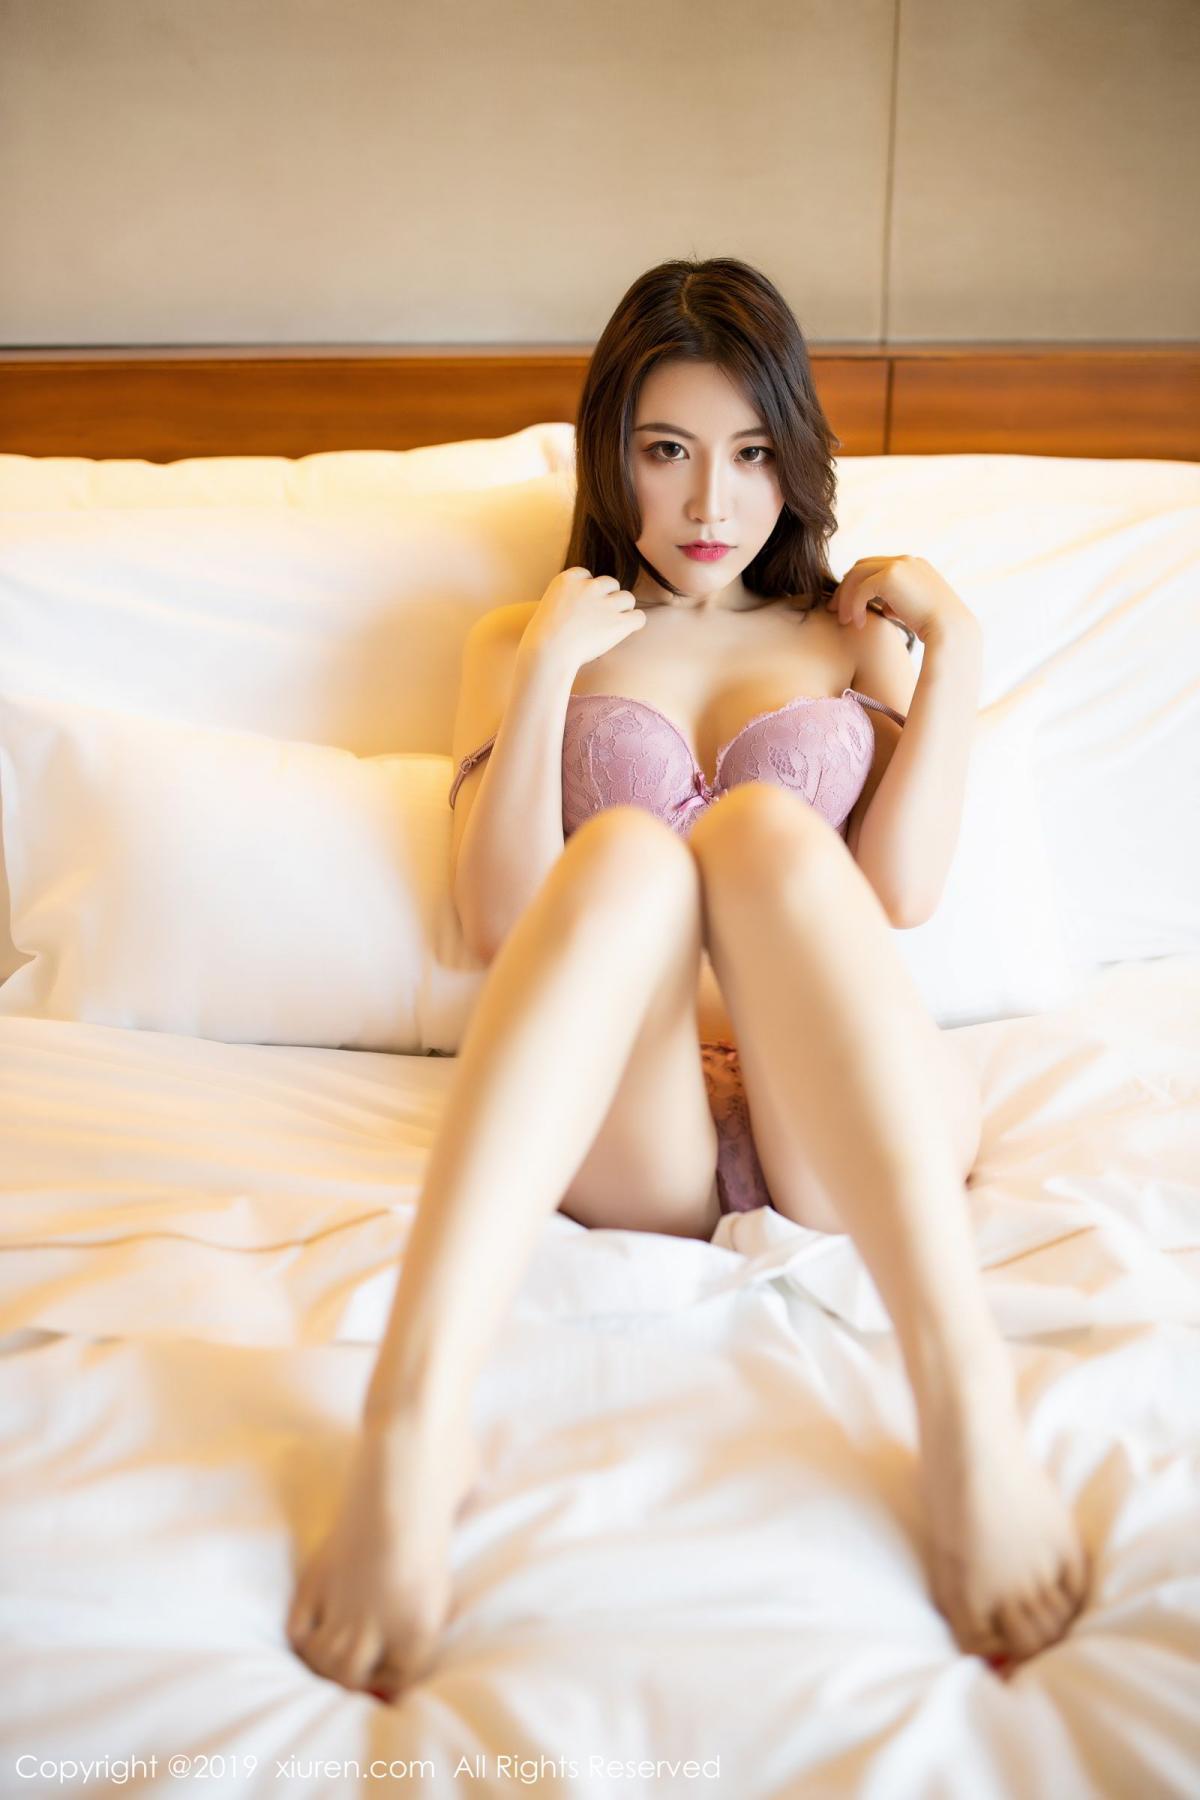 [XiaoYu] Vol.1697 Xie Zhi Xin 63P, Home, Sexy, XiaoYu, Xie Zhi Xin